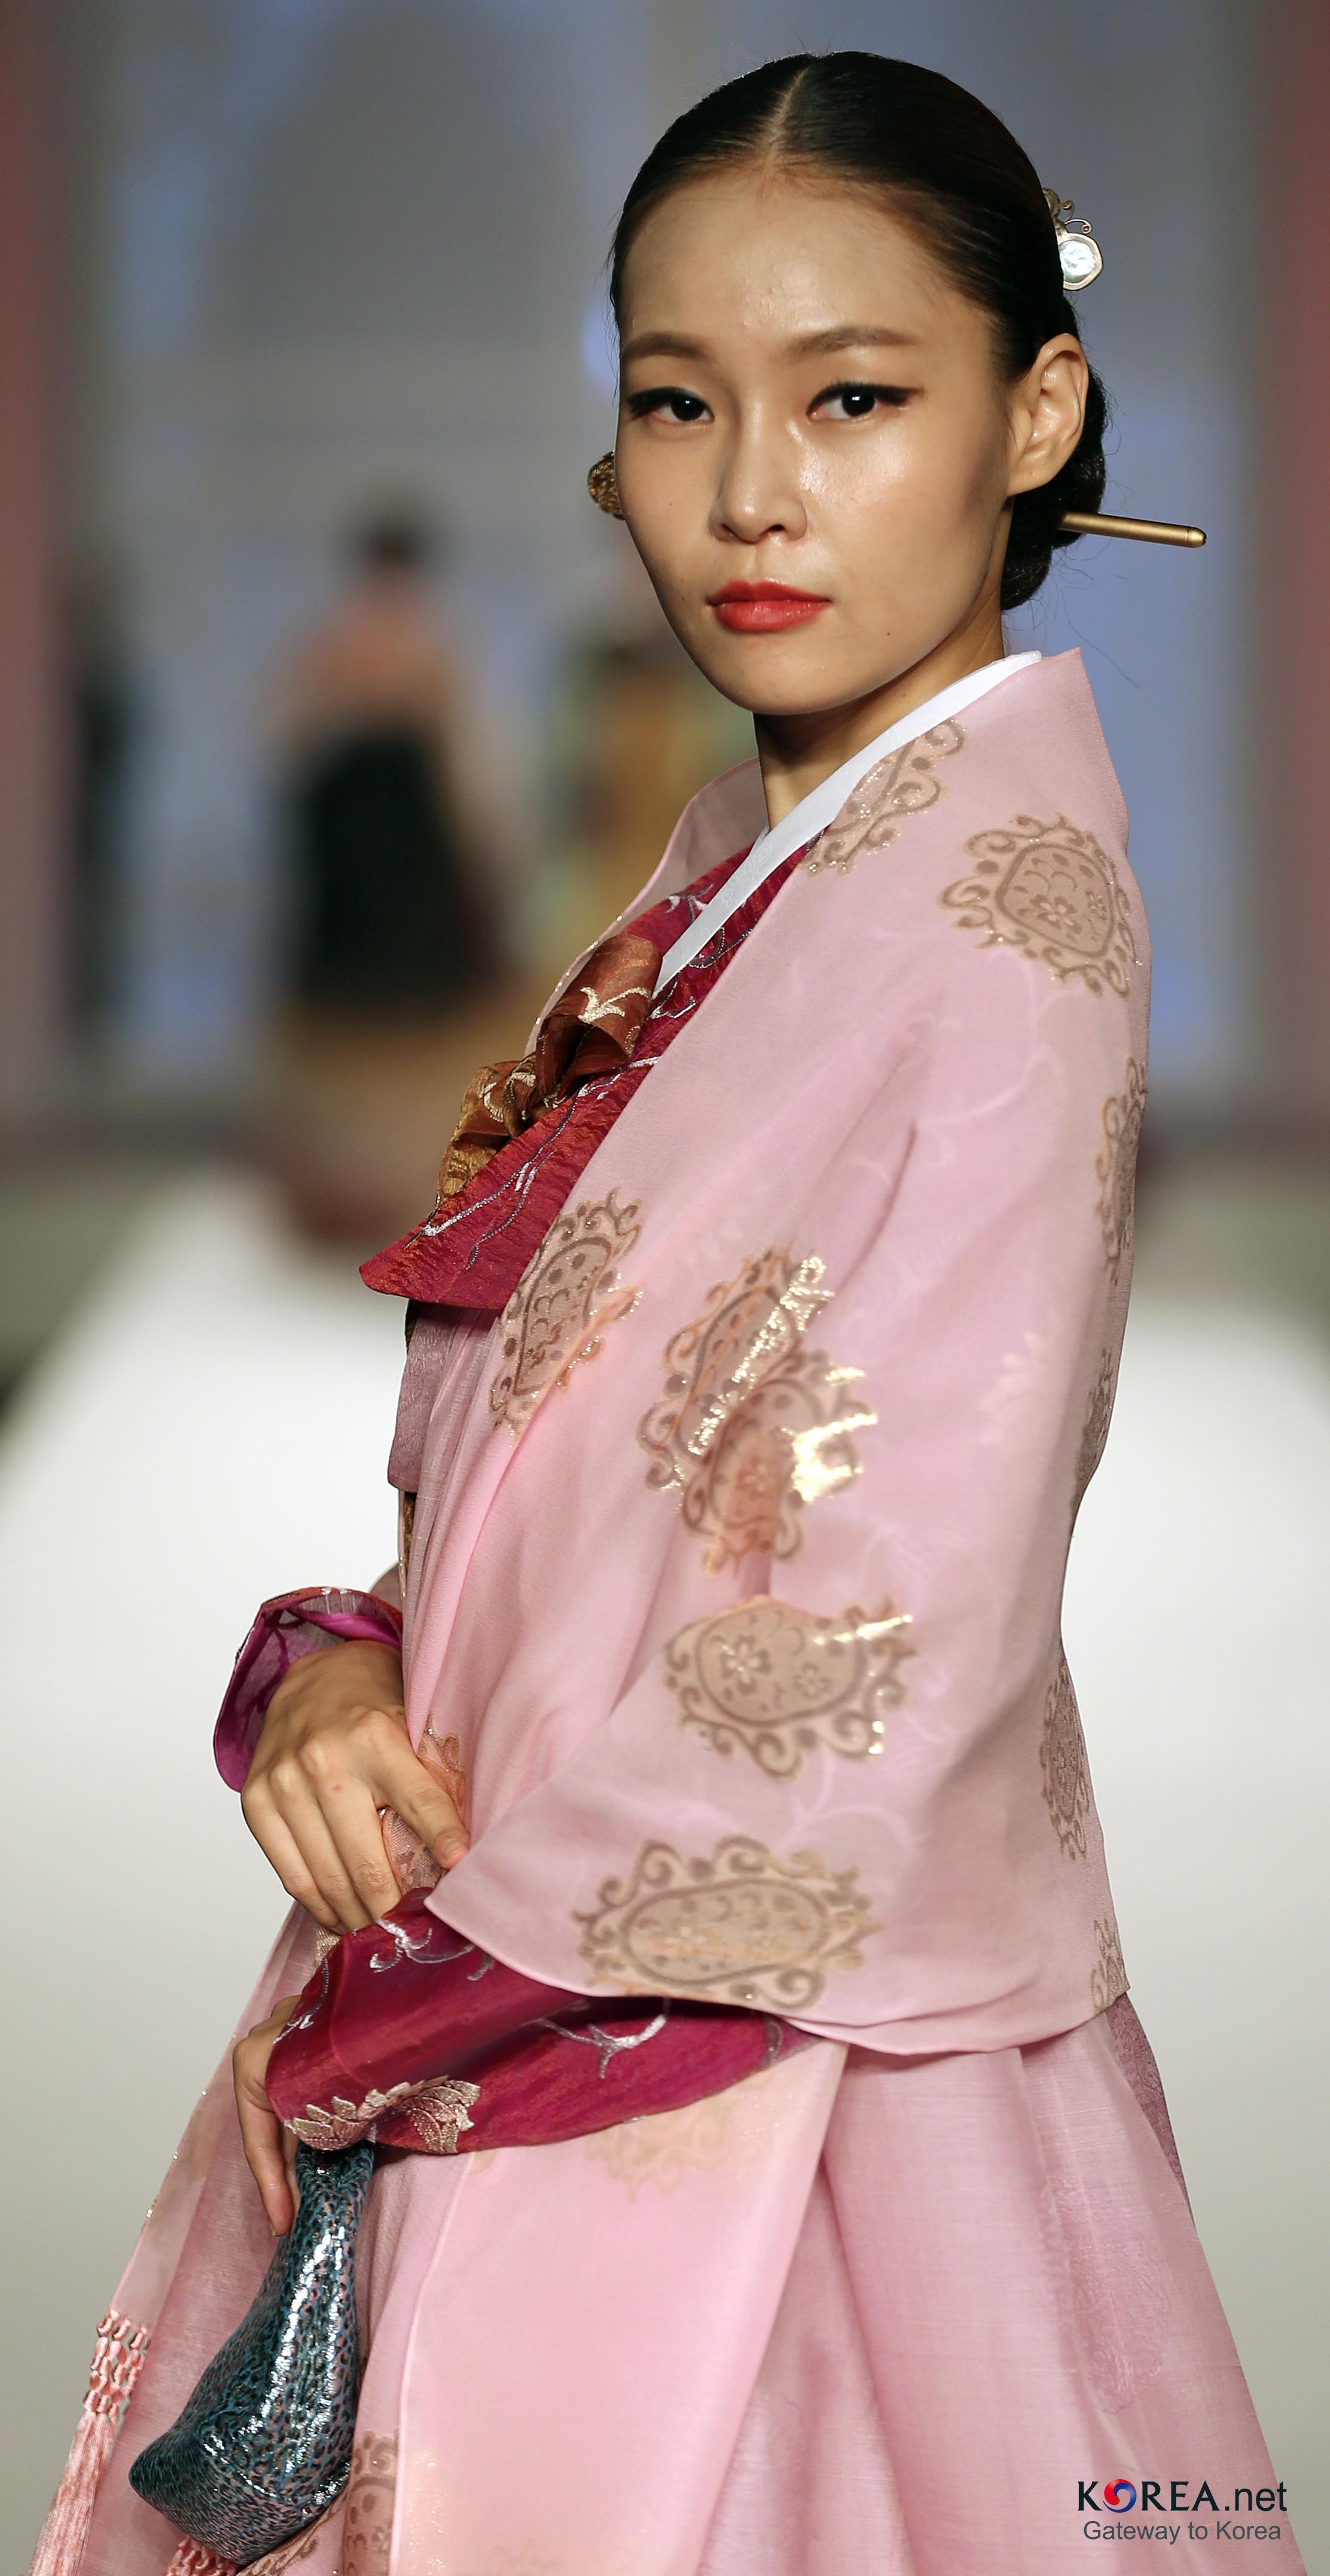 filekocis korea hanbokaodai fashionshow 47 9766191482